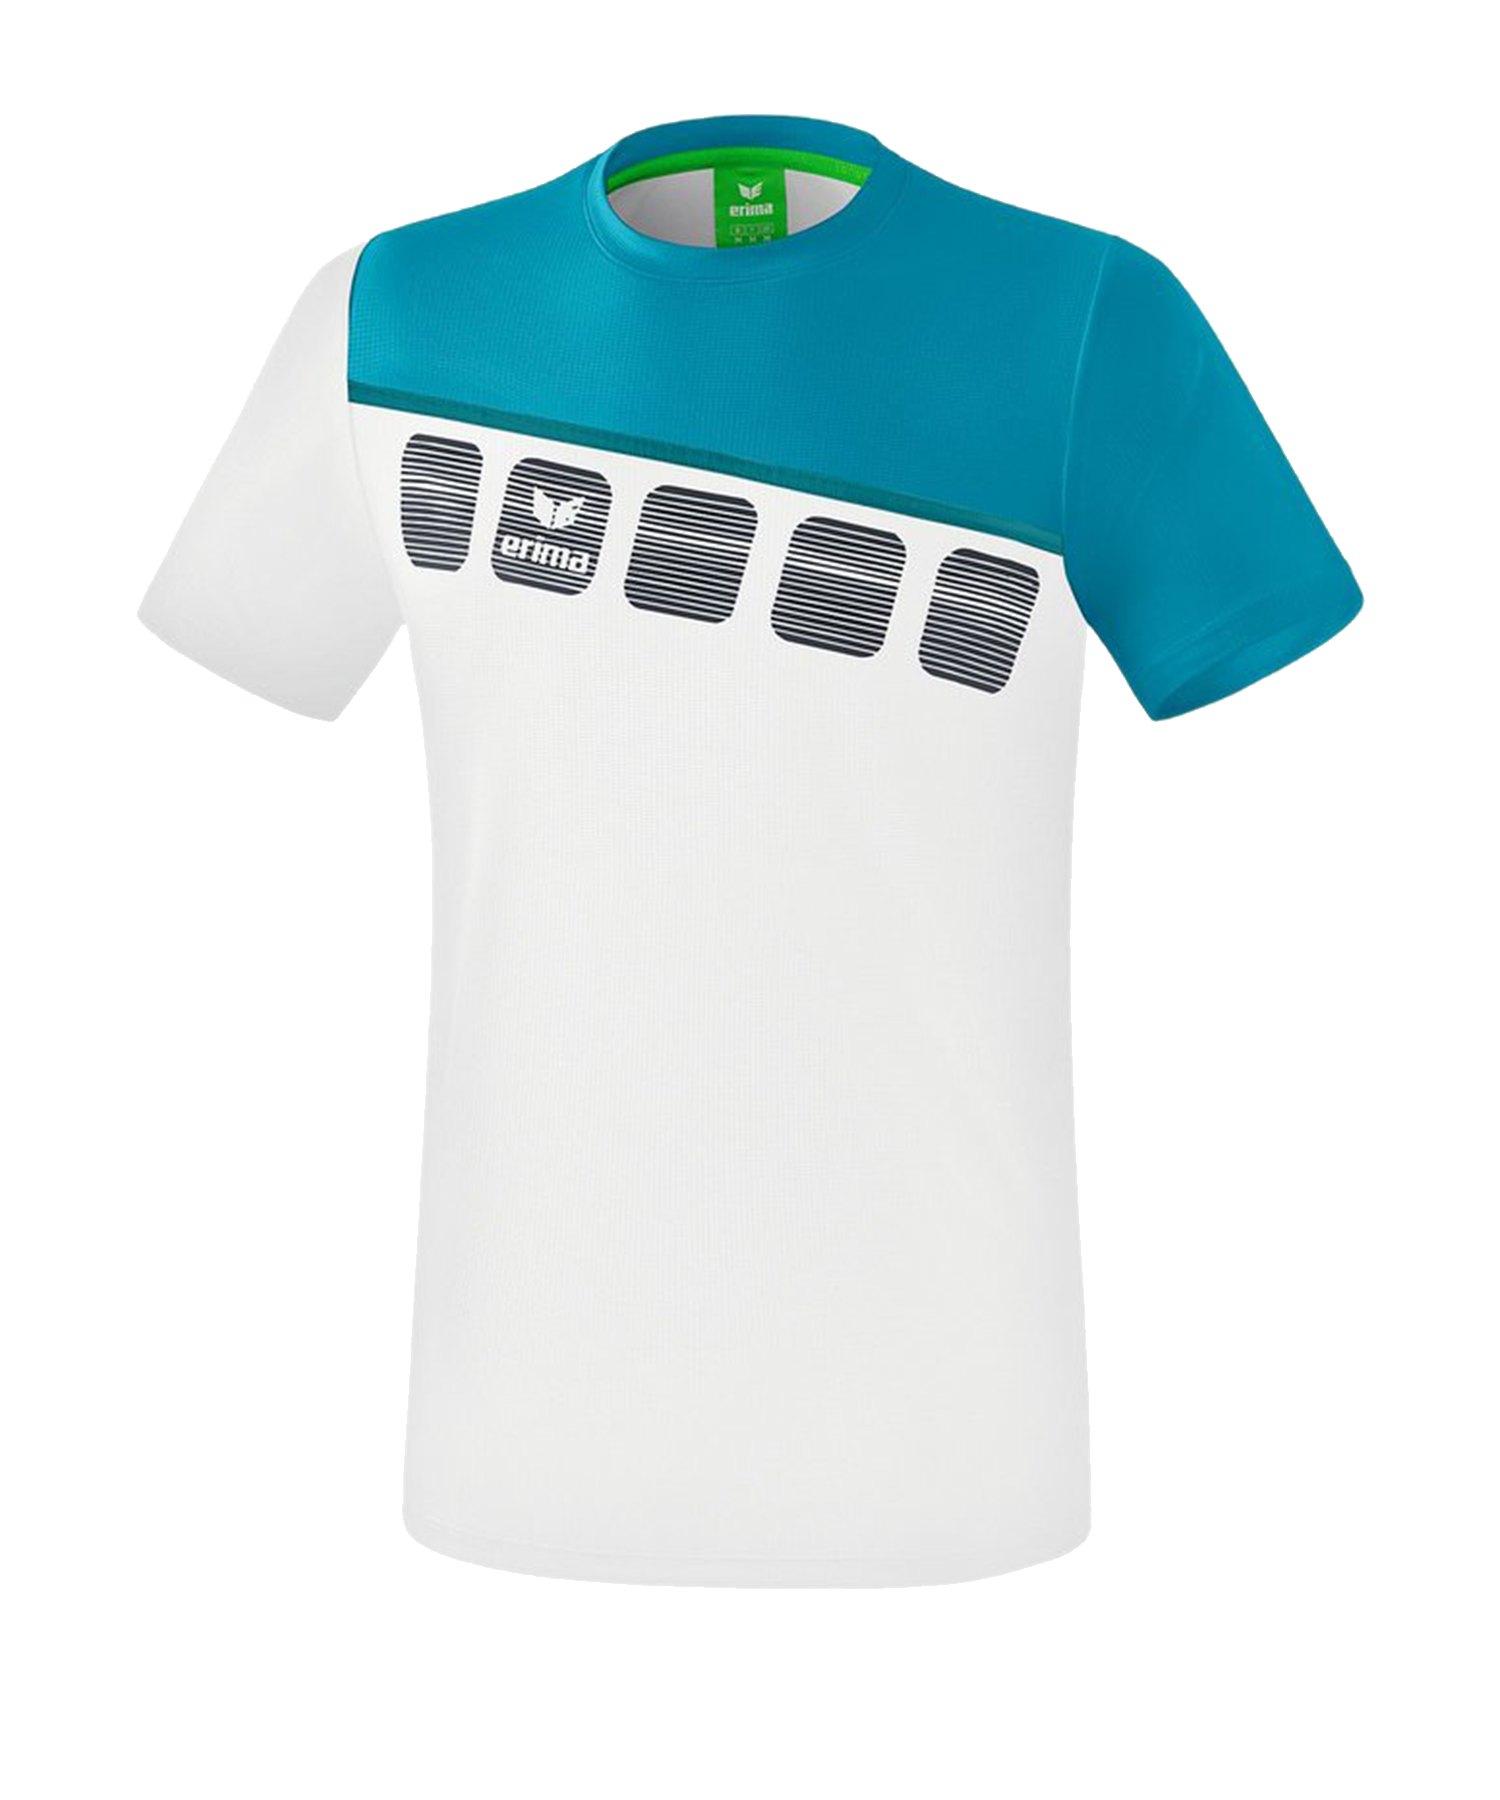 Erima 5-C T-Shirt Weiss Blau - Weiss